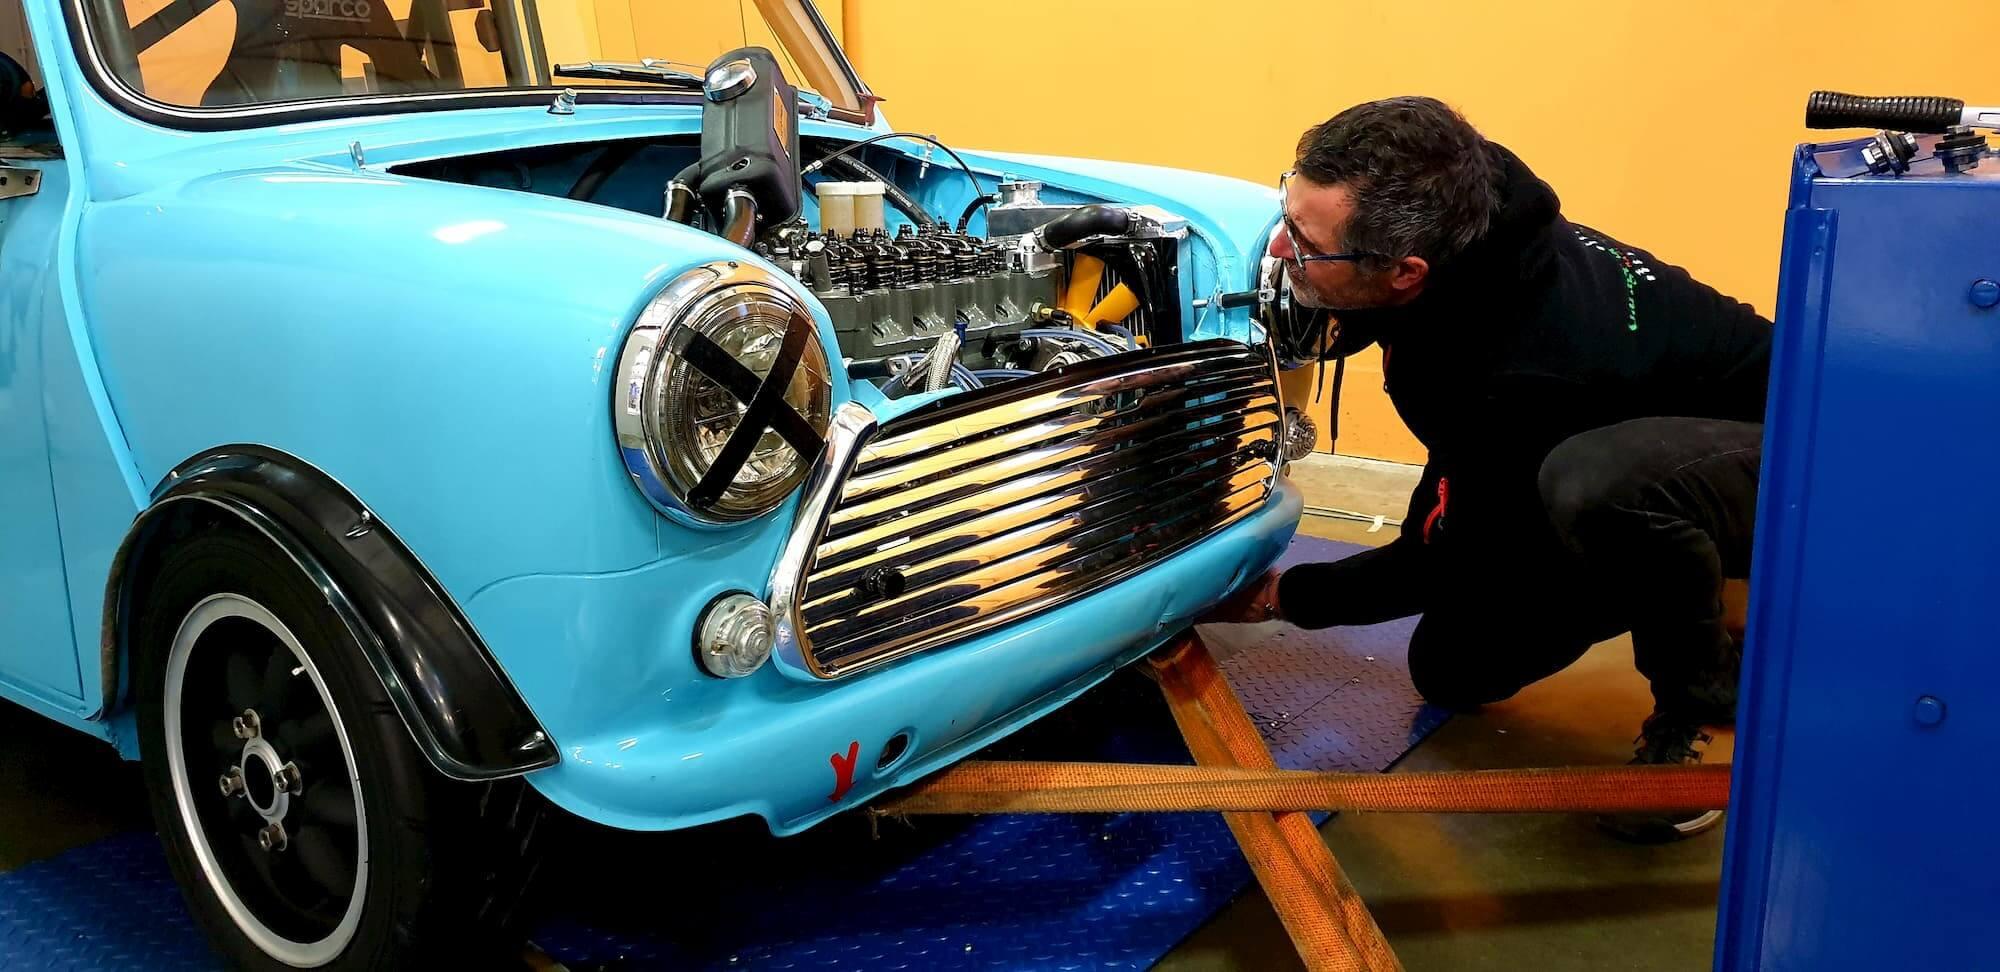 Austin mini 1293cc sur le banc de puissance - Maxi 1000 - Maxi 1300